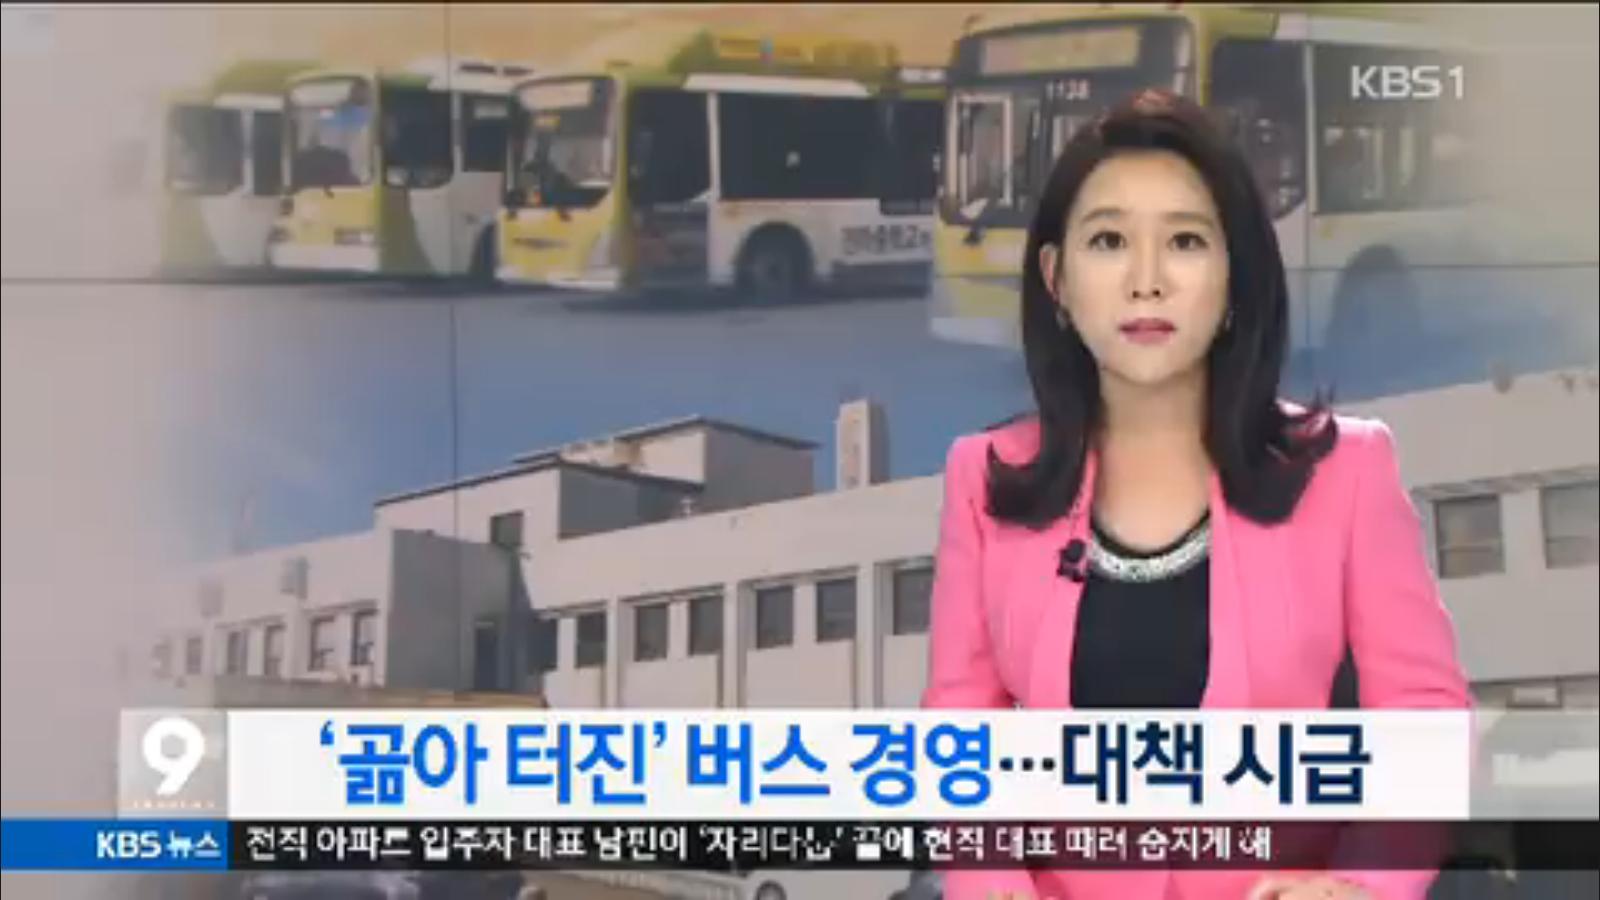 [15.11.12 KBS전주] 시내버스 경영 위기..대책 시급1.png